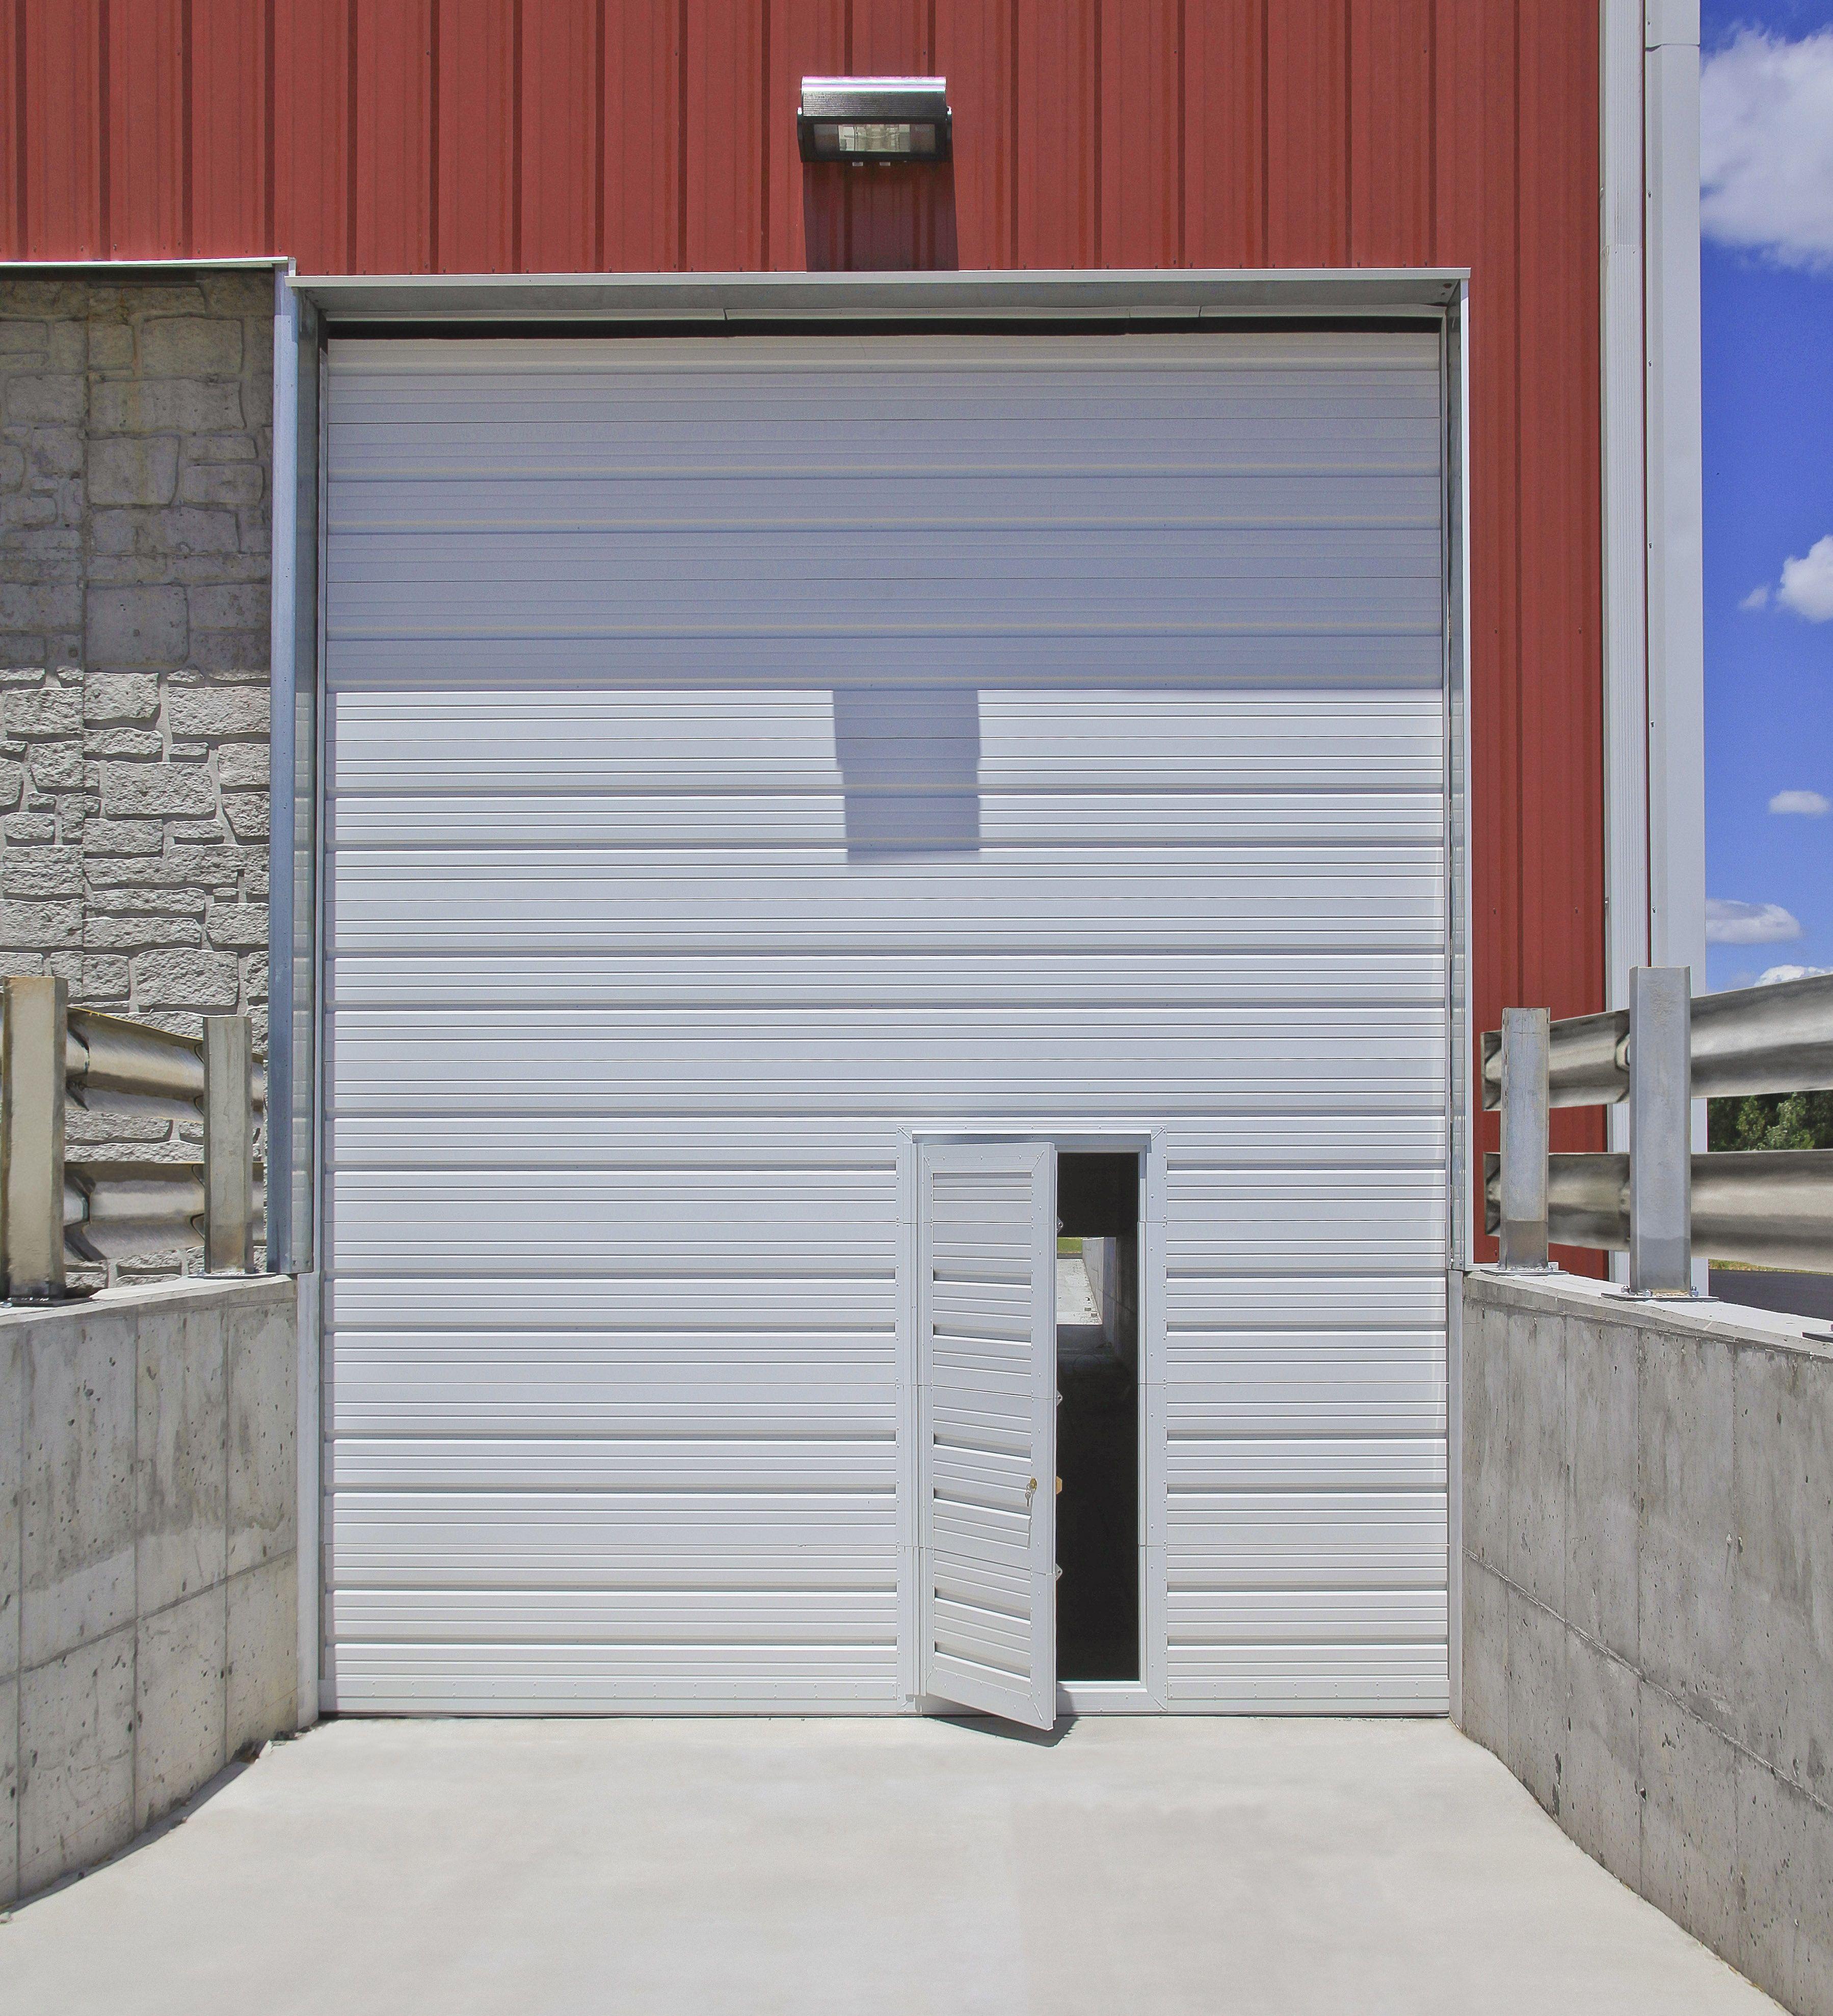 Overhead Commercial Garage Door With Pass Door Door Design